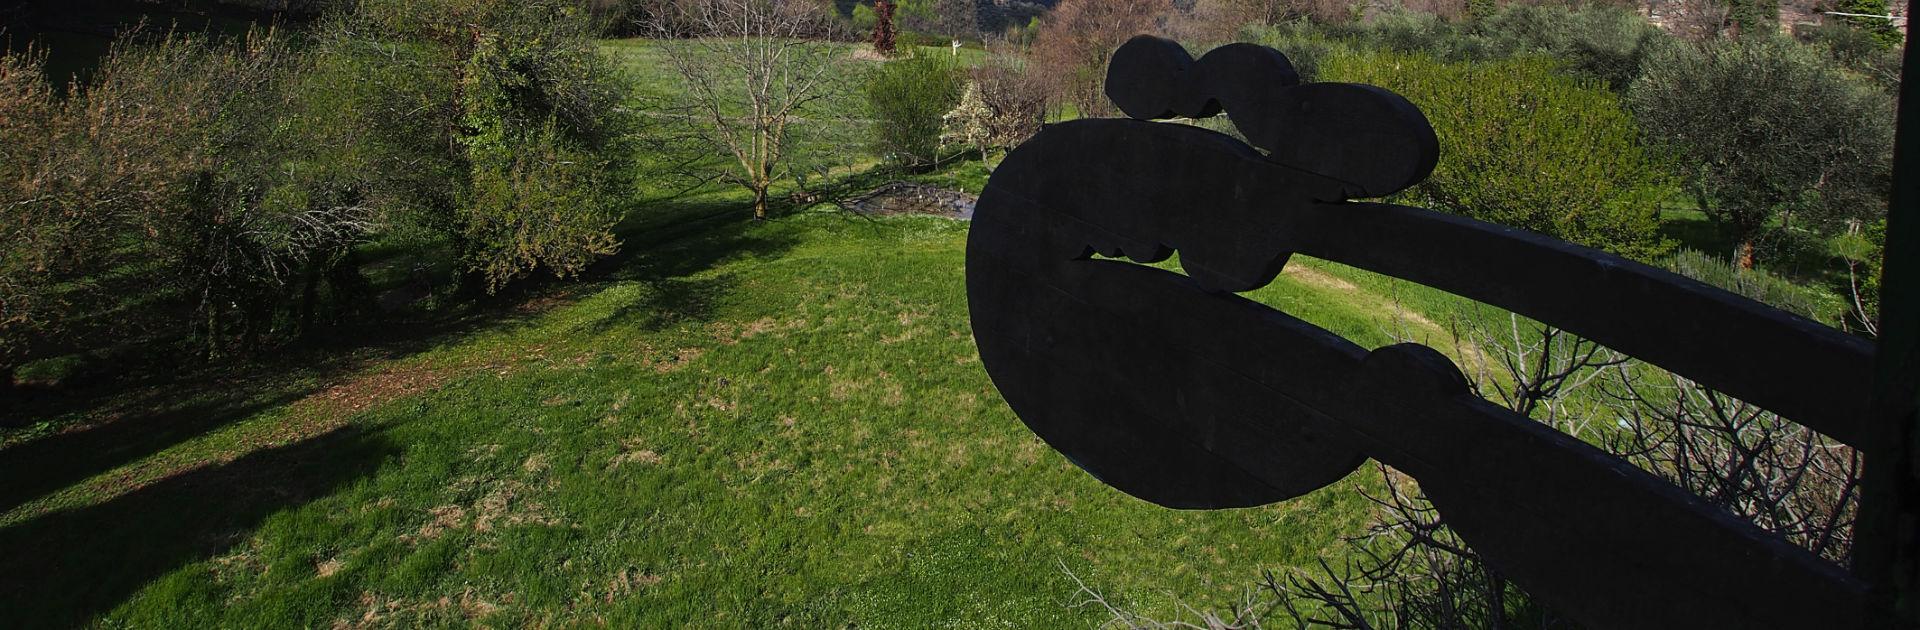 Künstler Alfonso Hüppi im Giardino di Daniel Spoerri